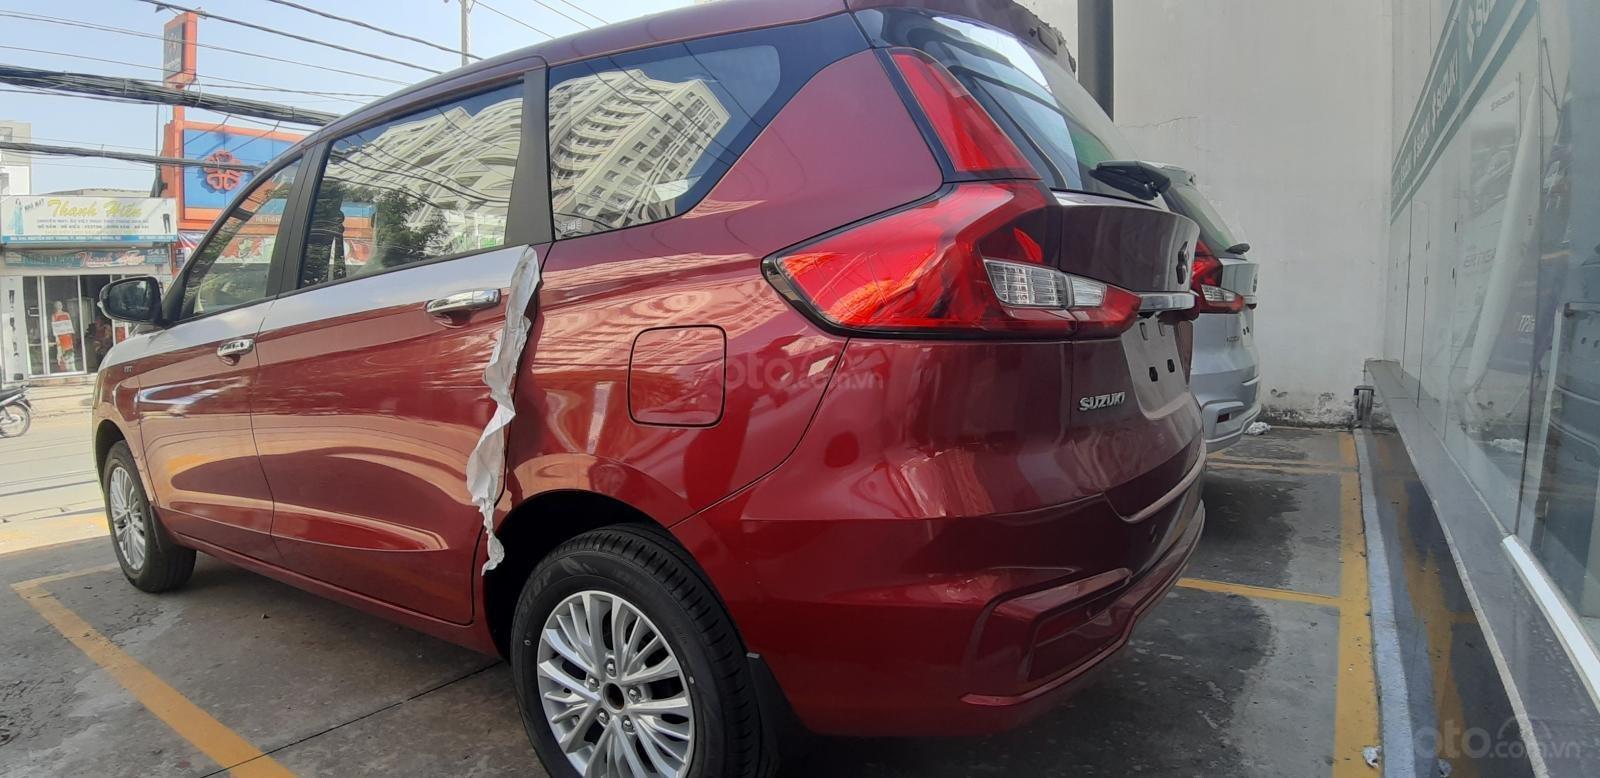 Bán Suzuki Ertiga GLX màu đỏ, xe có sẵn hot hot, hỗ trợ Bank cao (4)